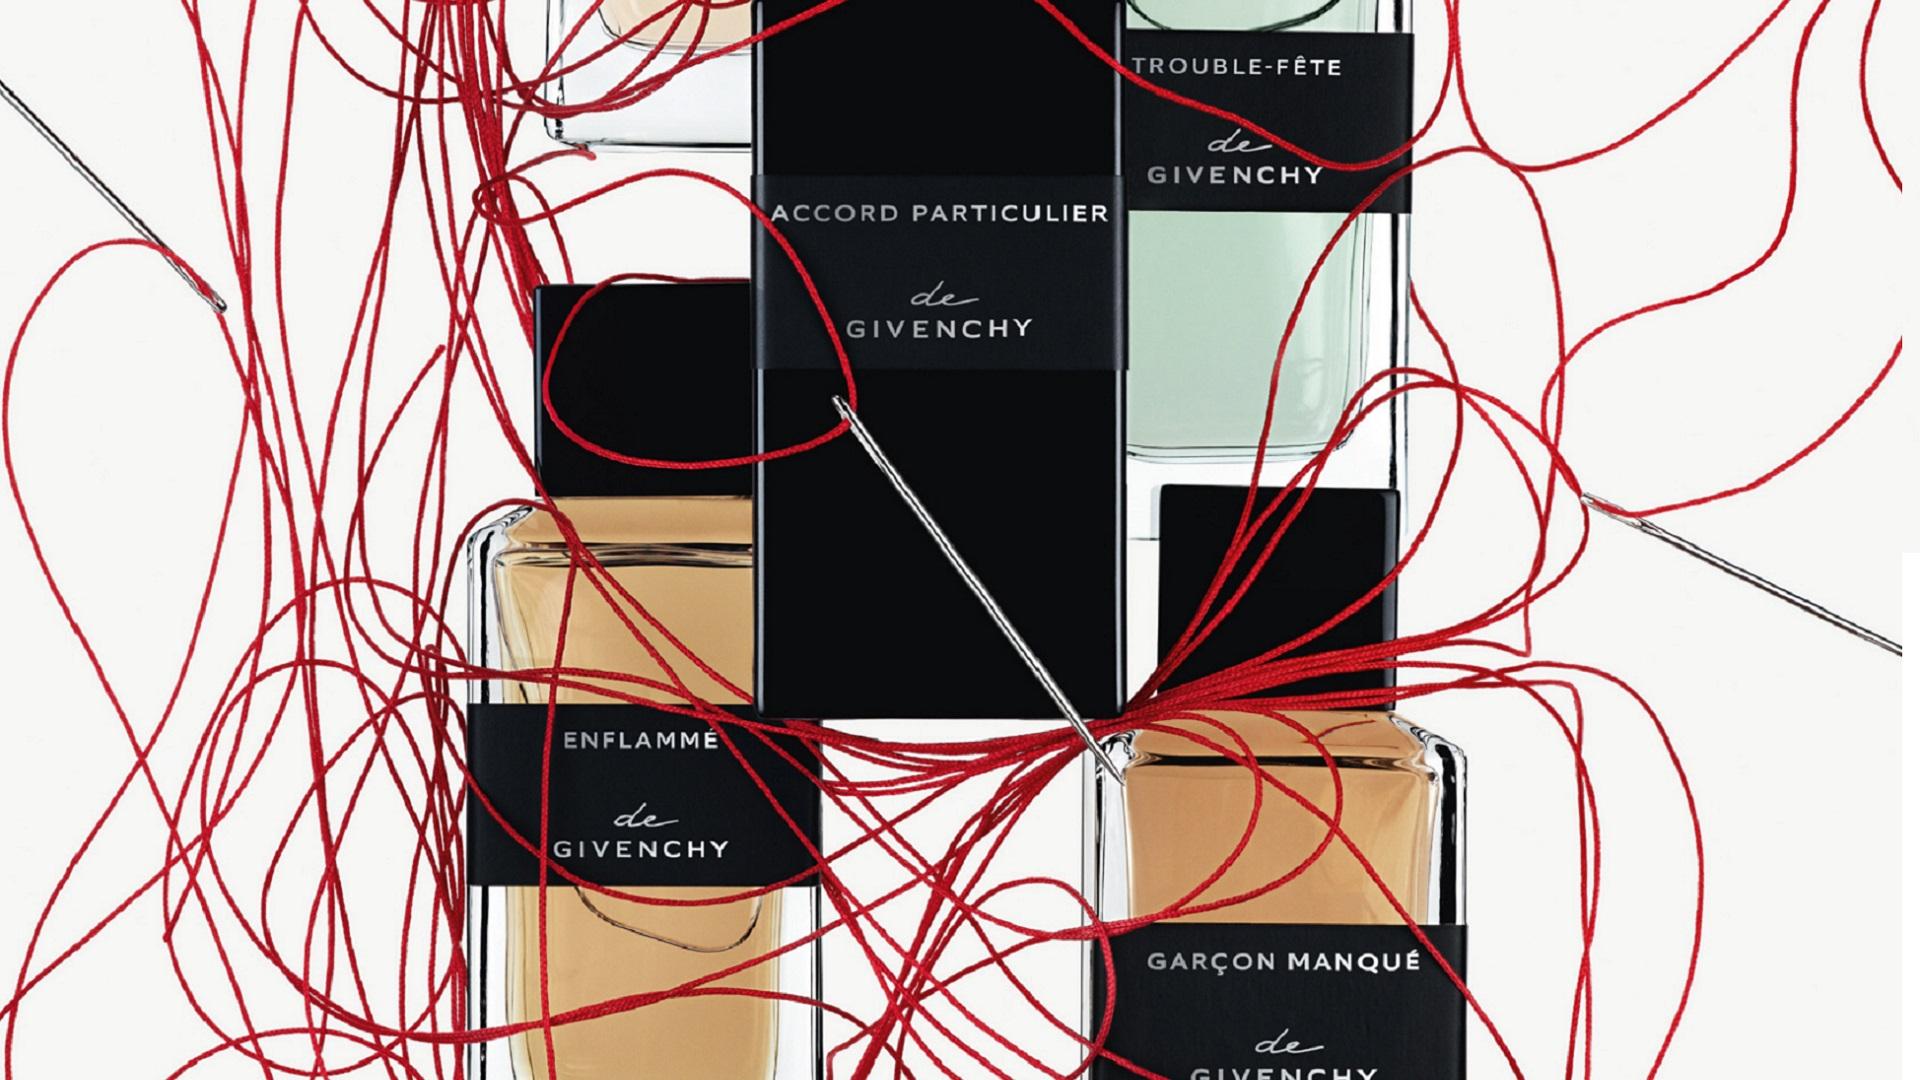 Las exclusivas fragancias Collection Particuliere de Givenchy